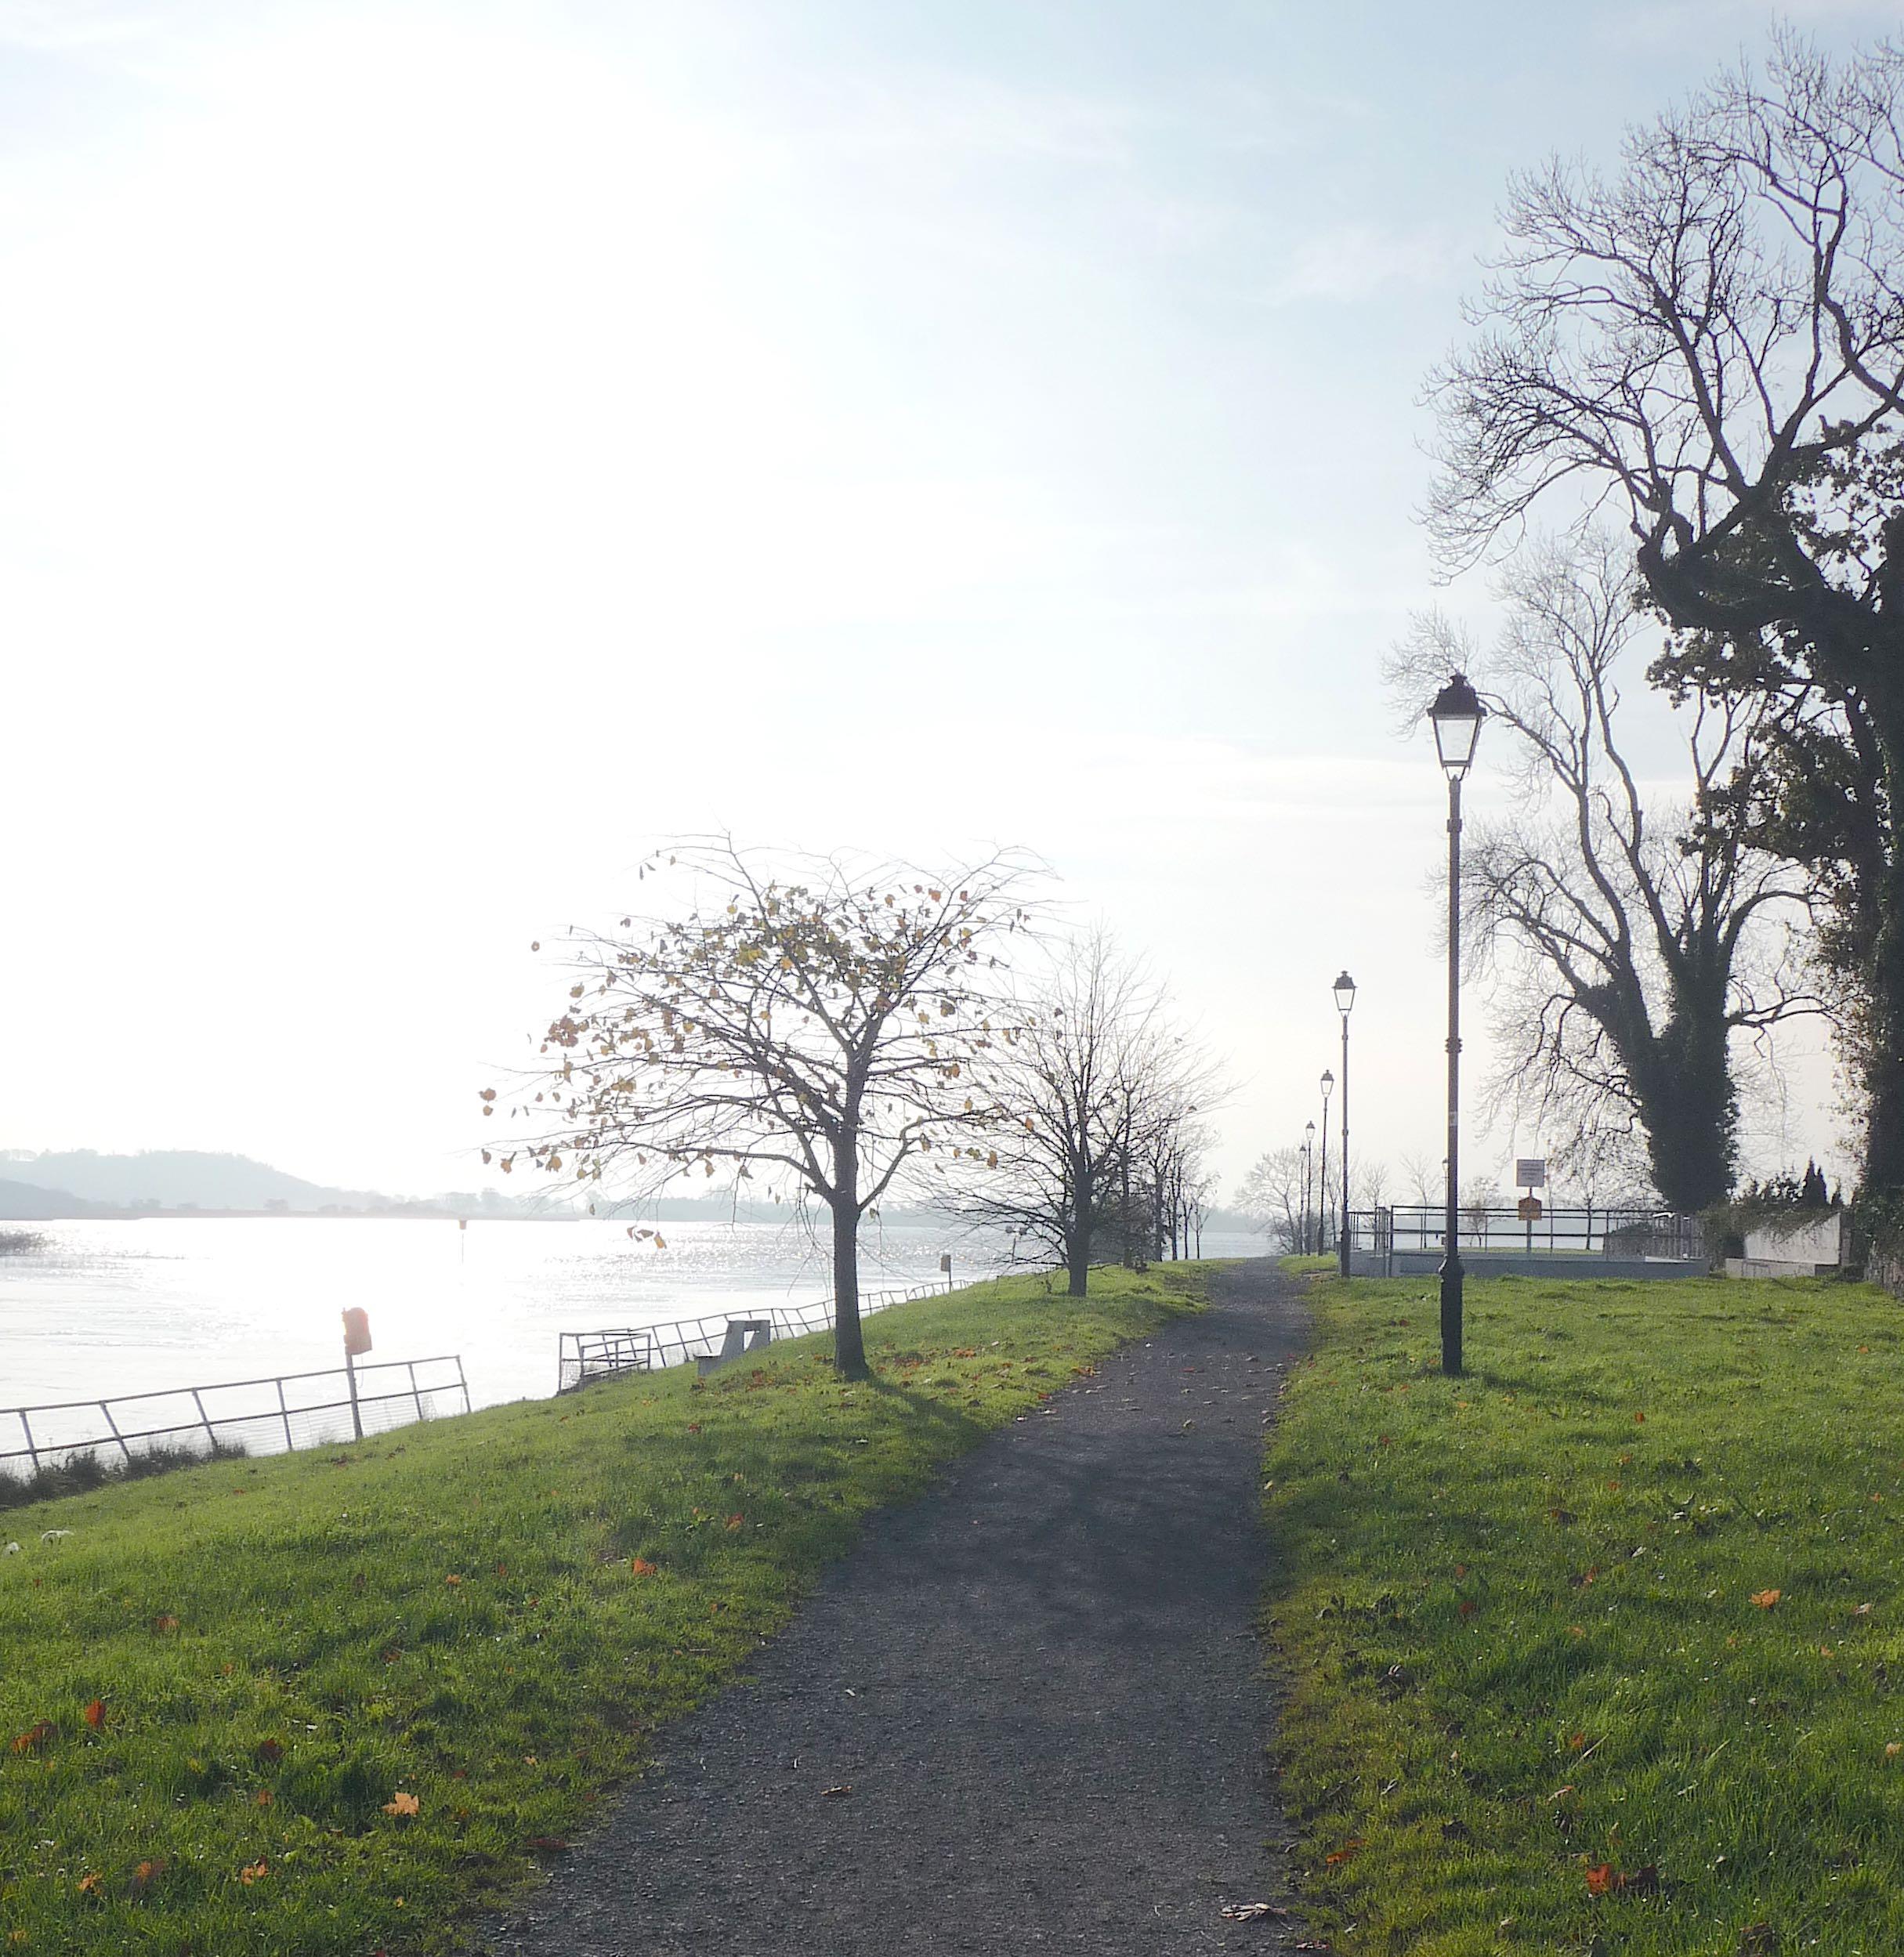 11.Lough Ree